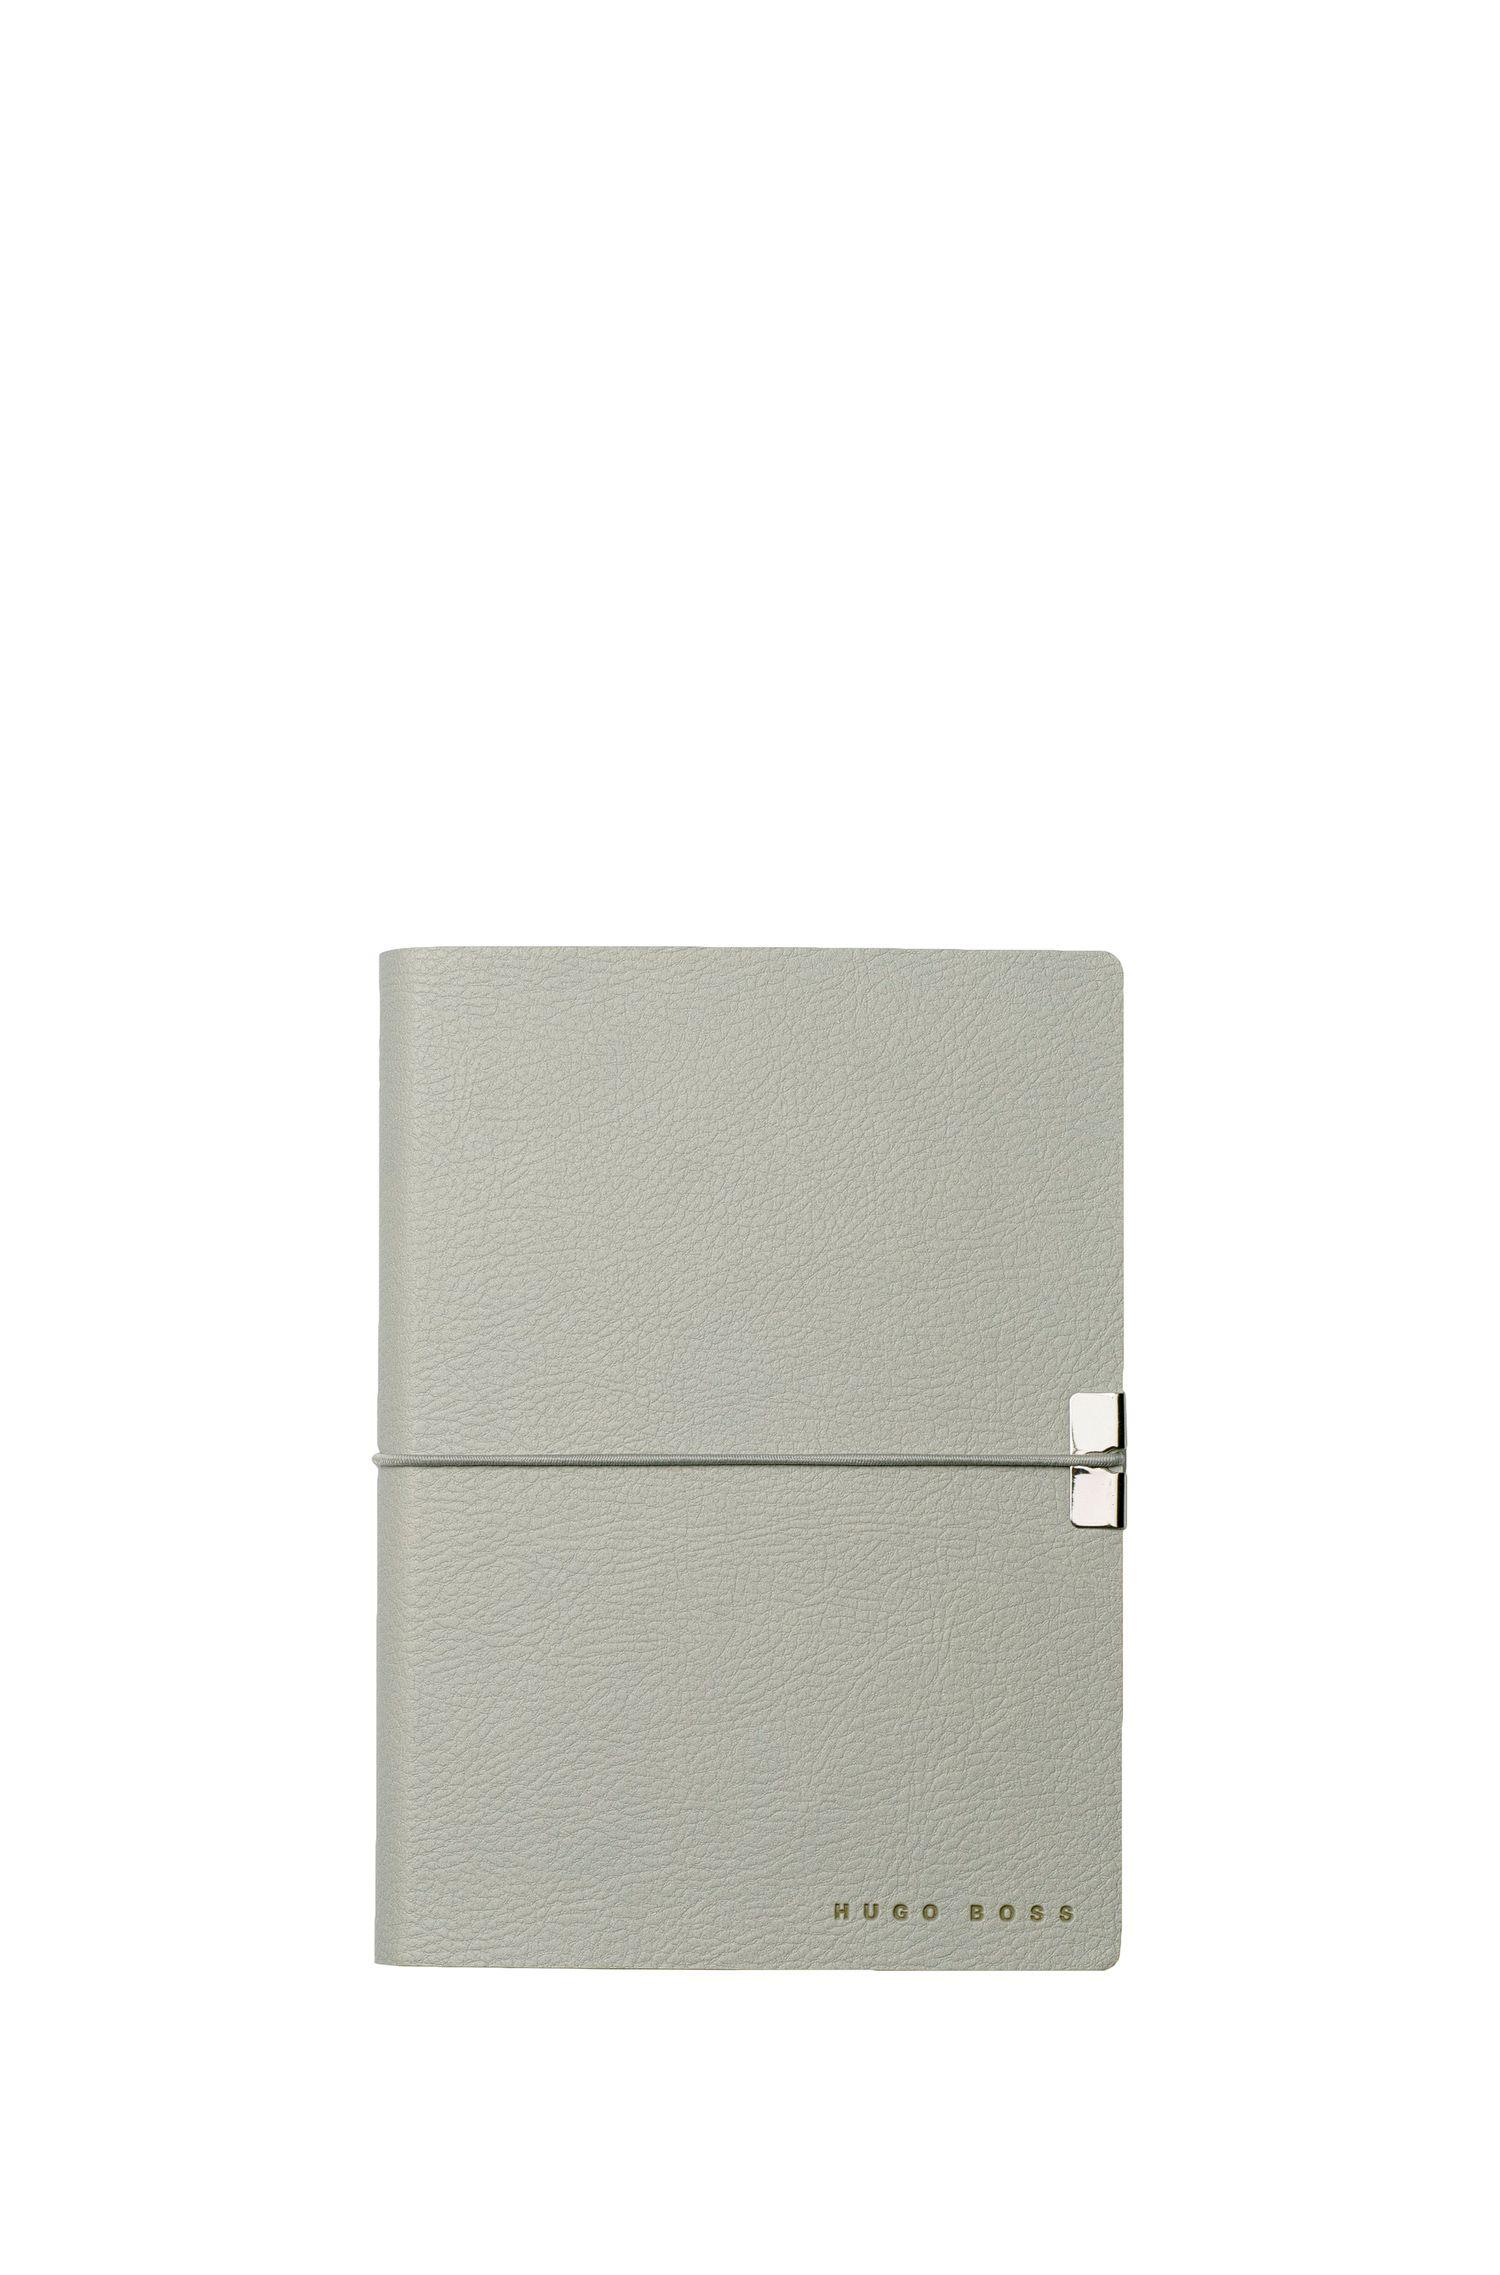 DIN-A6-Notizbuch aus Kunstleder, Hellgrau